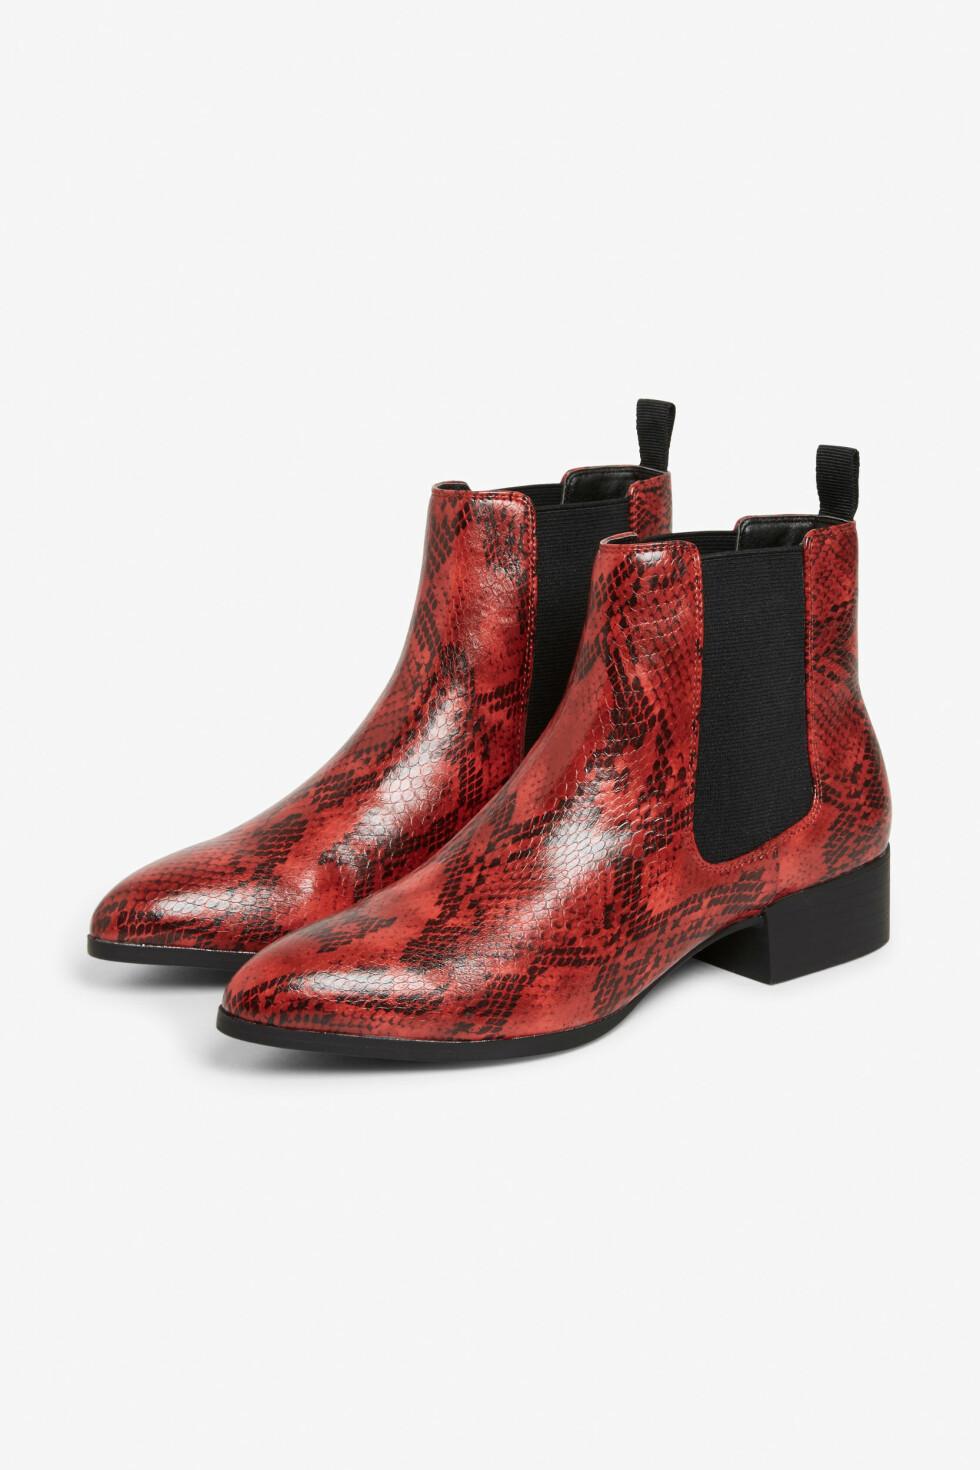 Sko fra Monki  420,-  http://www.monki.com/gb/Shoes/Chelsea_ankle_boots/65007-30152766.1#c-49929